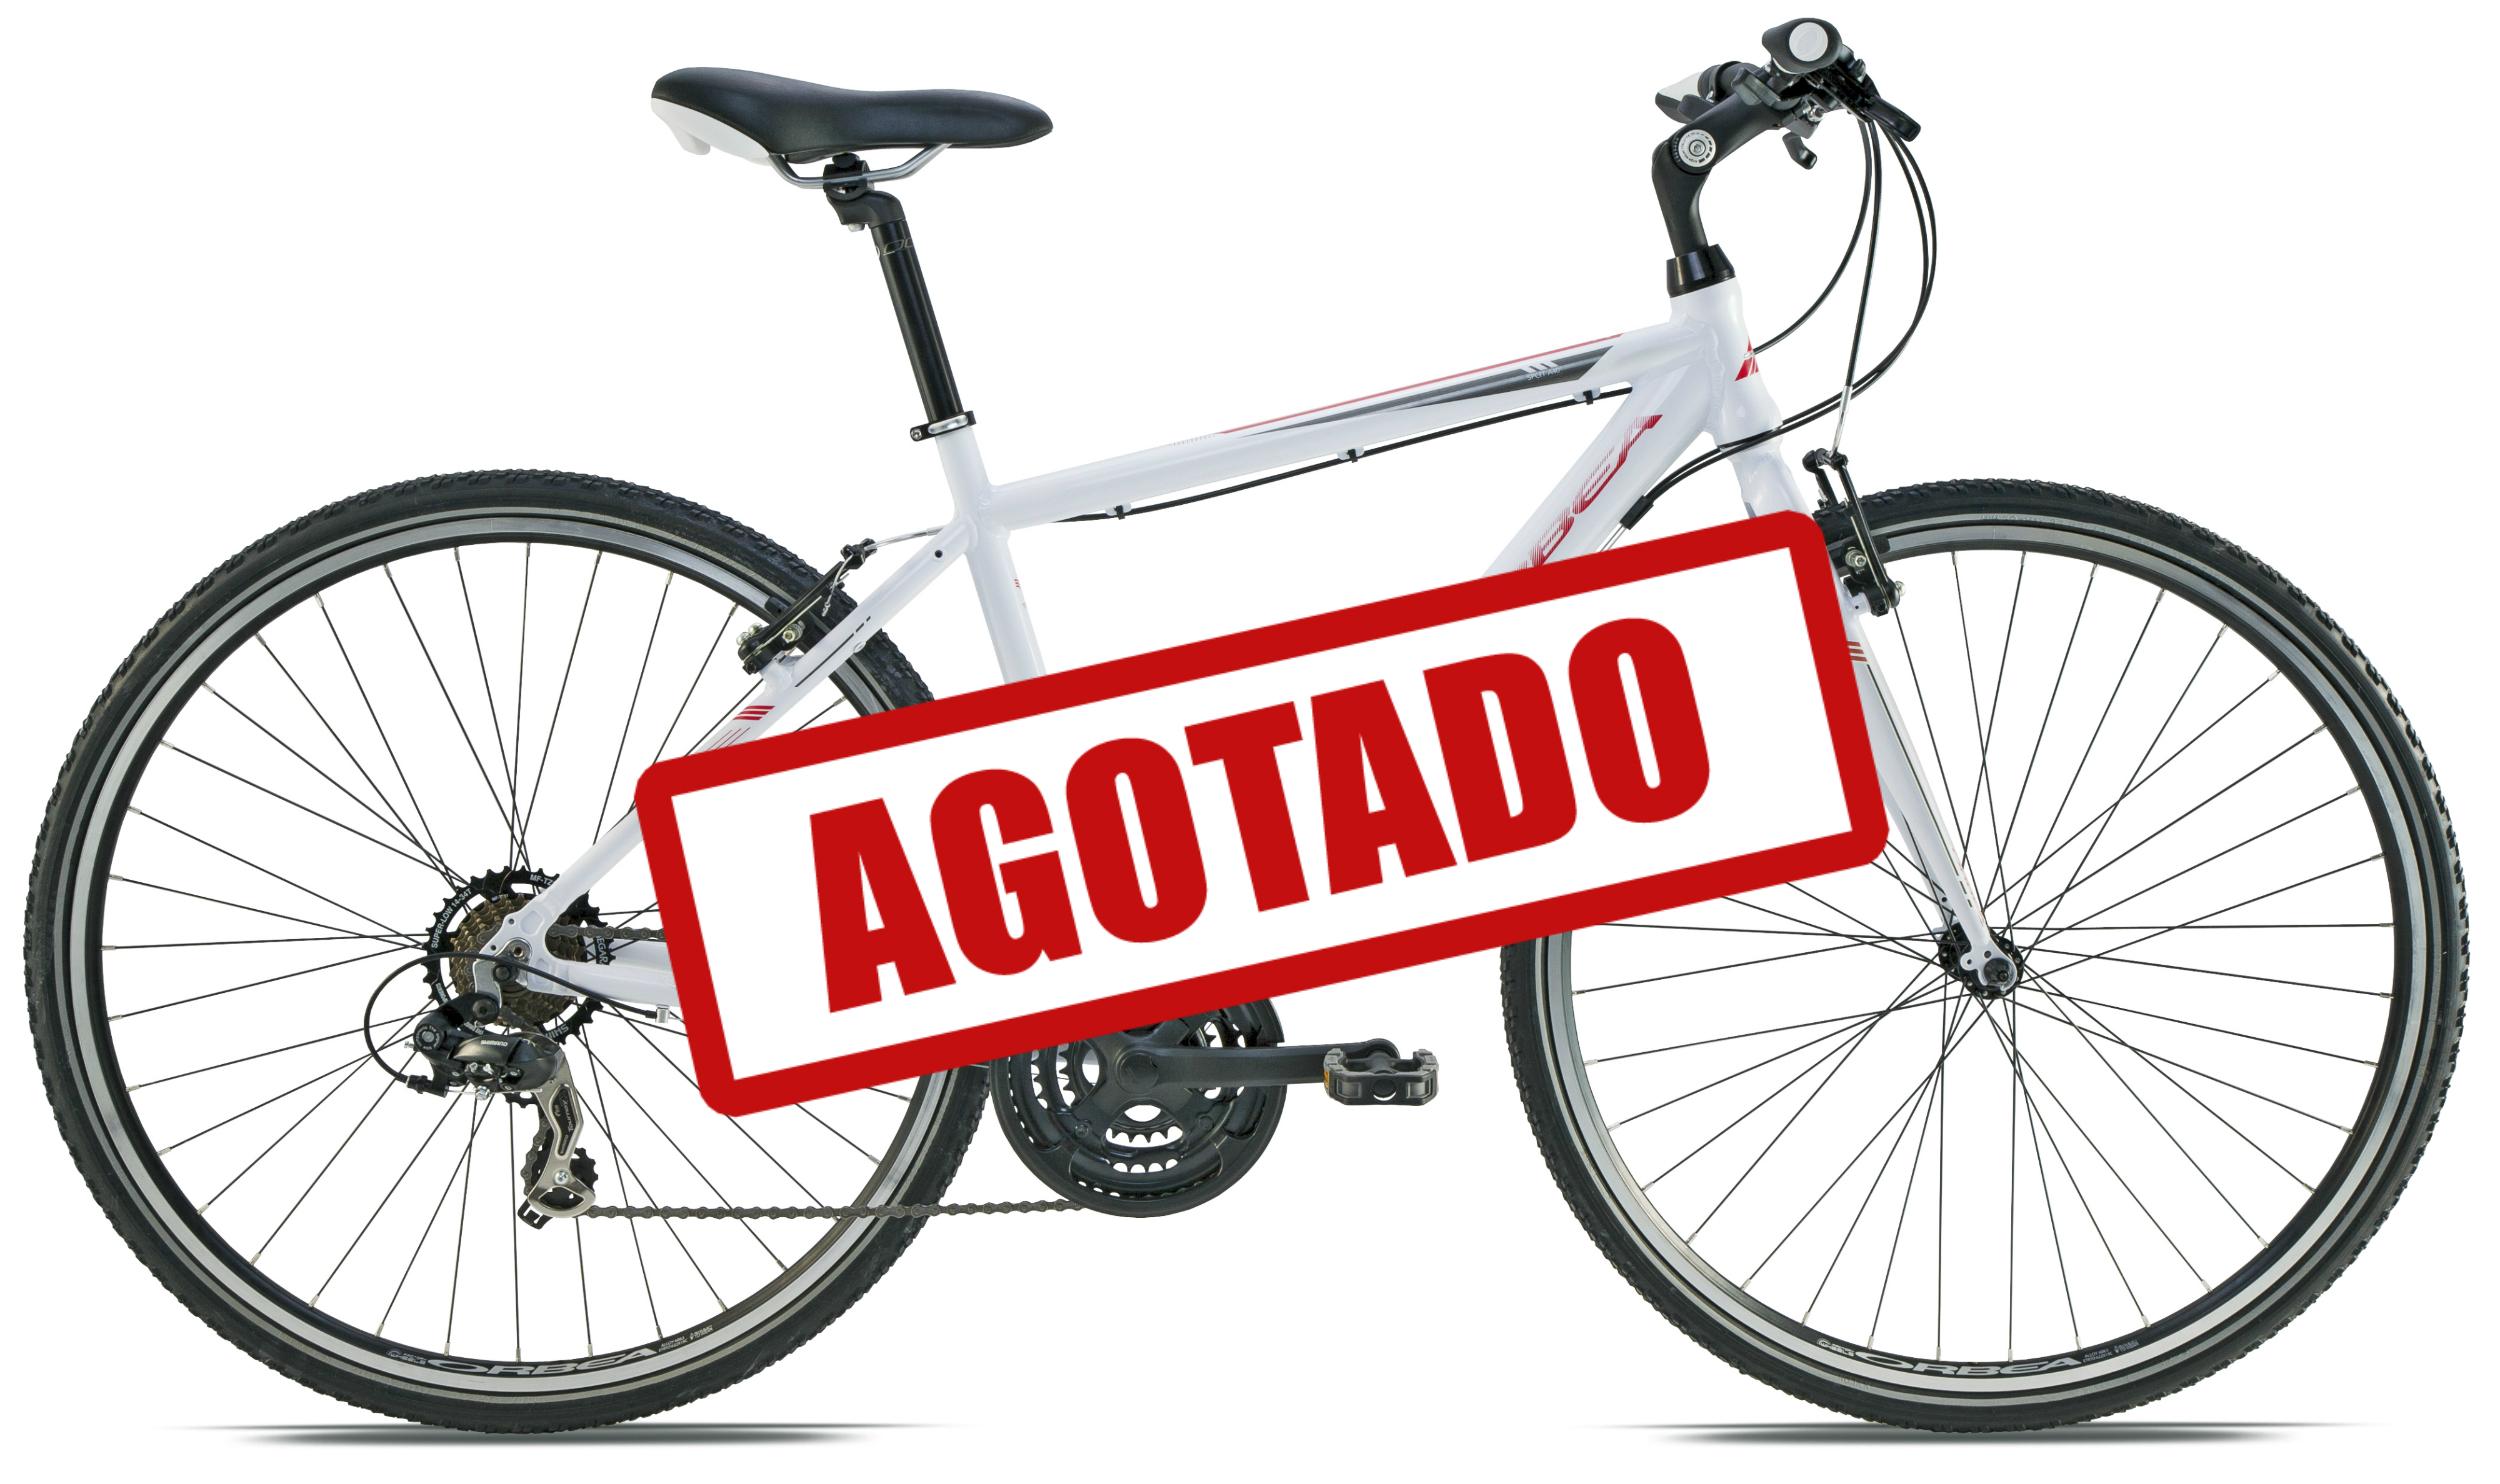 TREKKING SPORT A40 AGOTADO